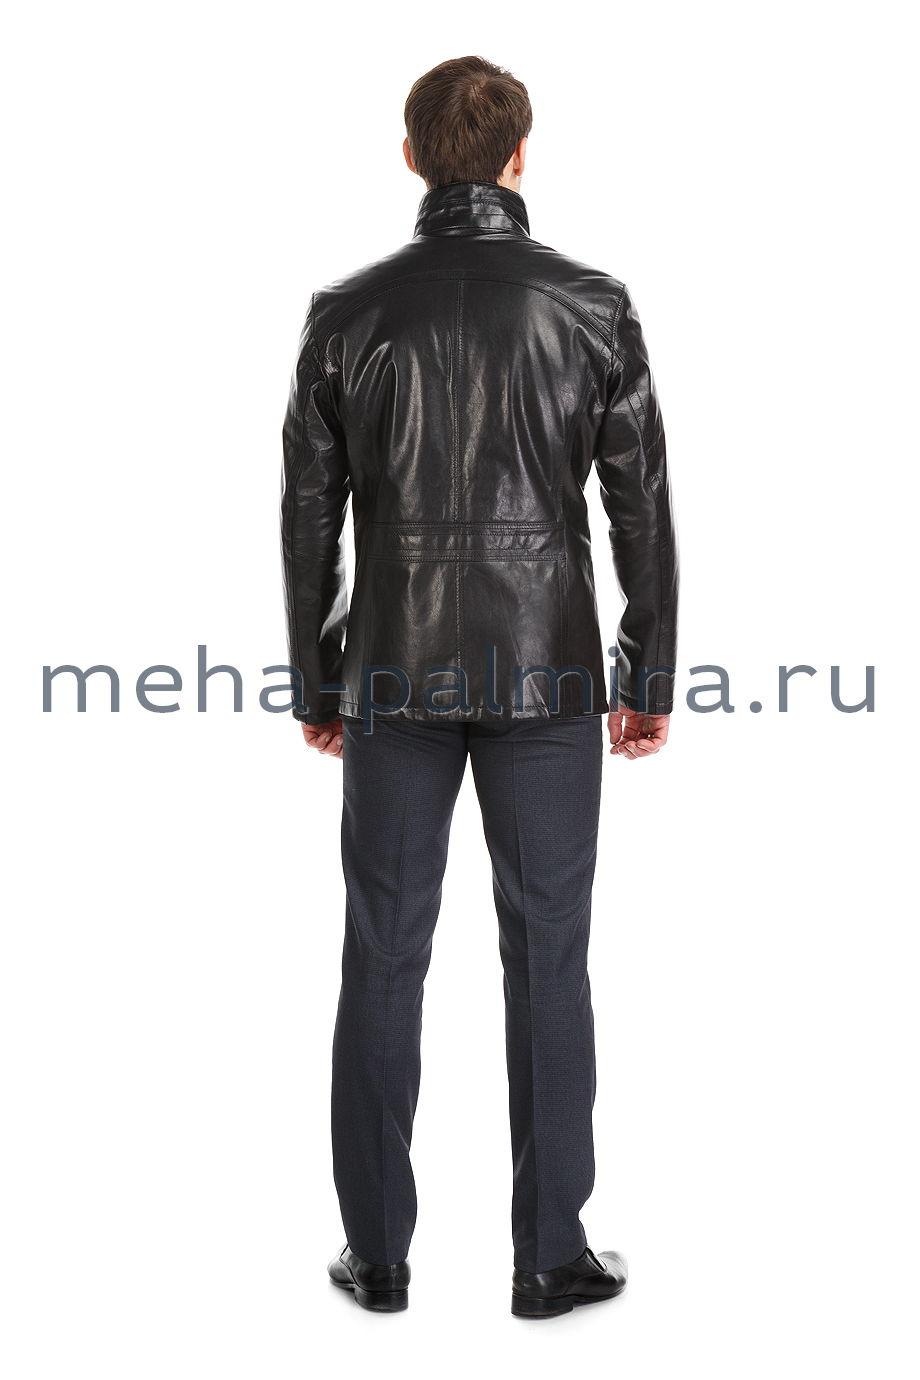 Черная мужская куртка из натуральной кожи на пуговицах